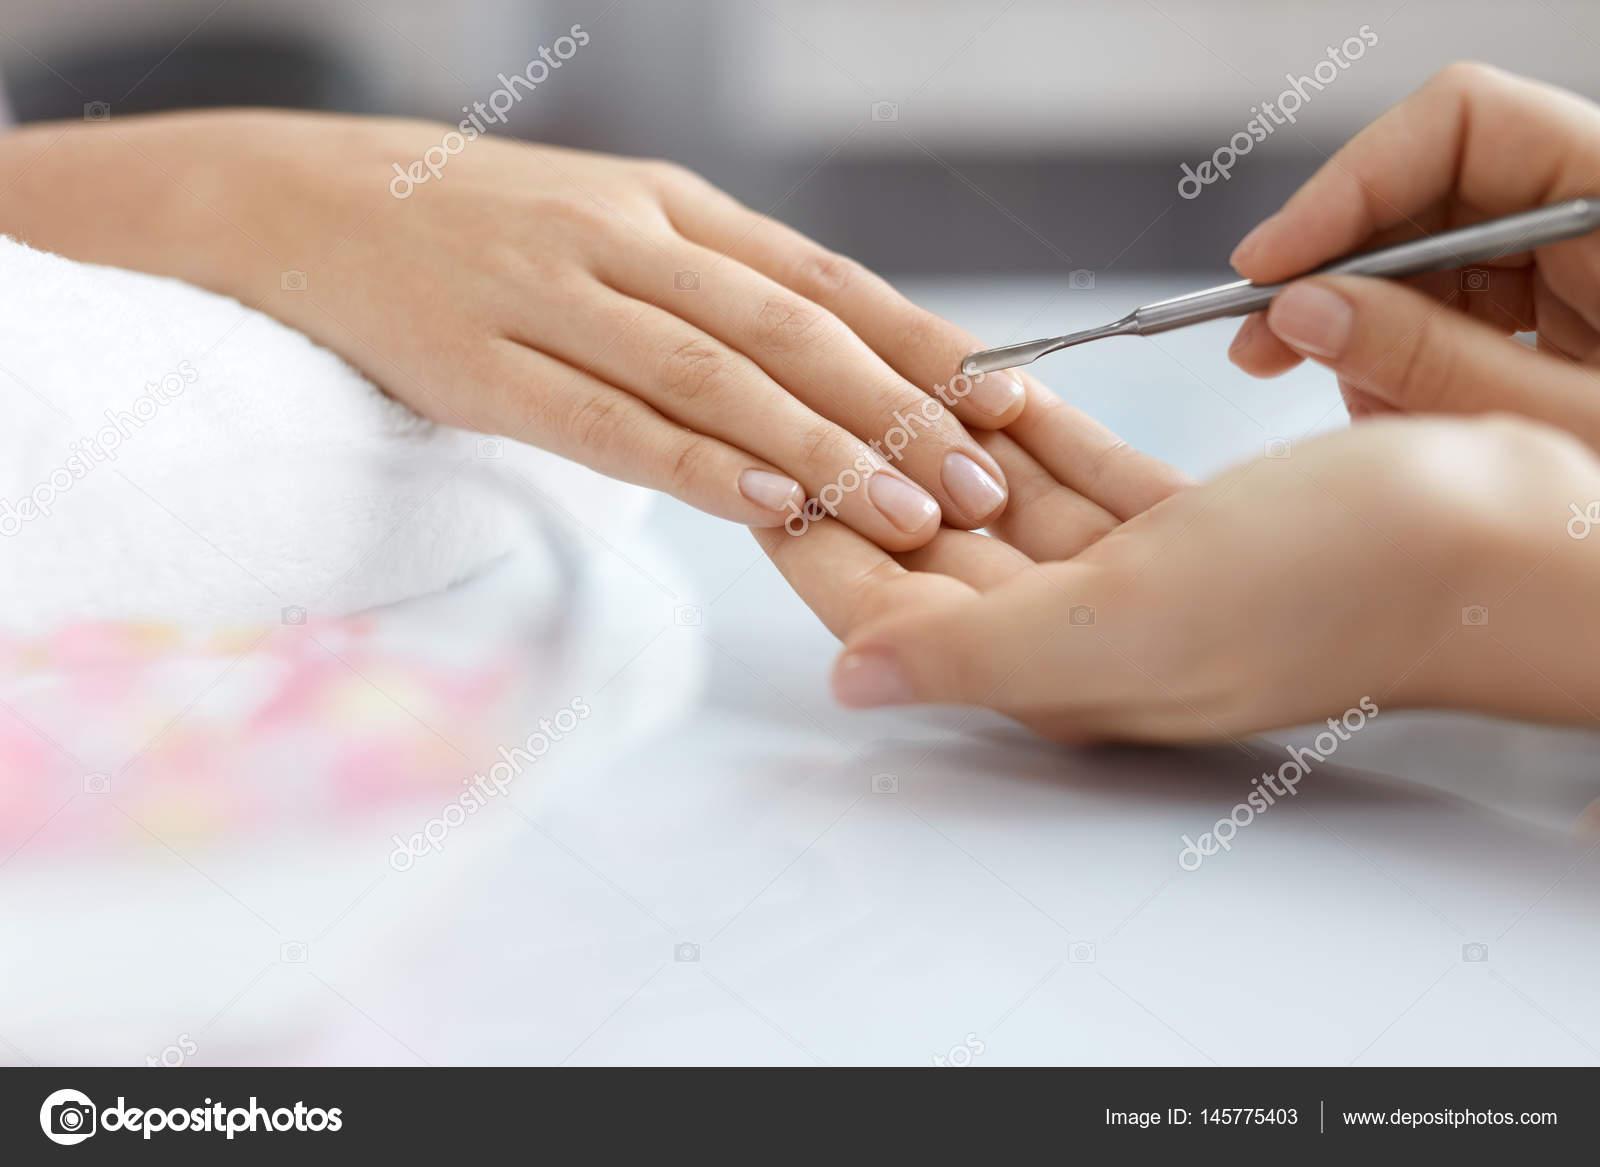 Cuidado de las uñas. Mujer manos consigue procedimiento de manicura ...